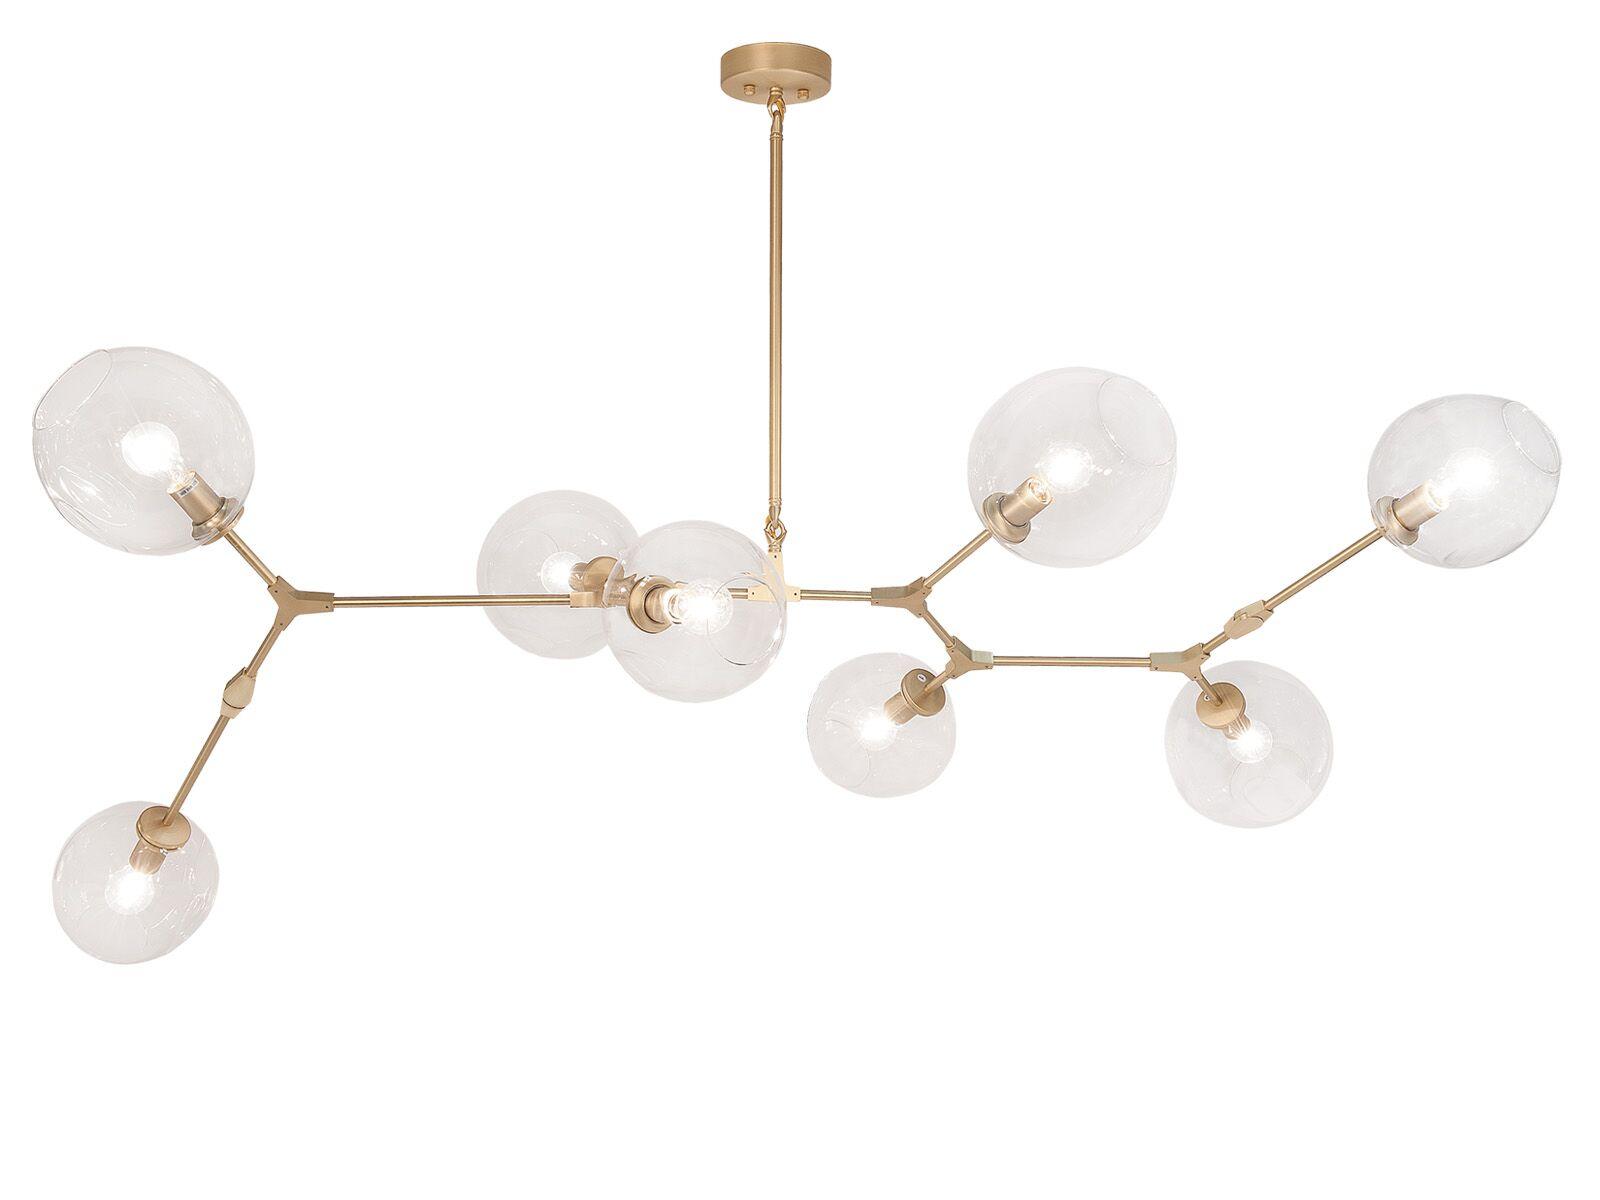 Grier 8-Light Sputnik Chandelier Finish: Brushed Brass